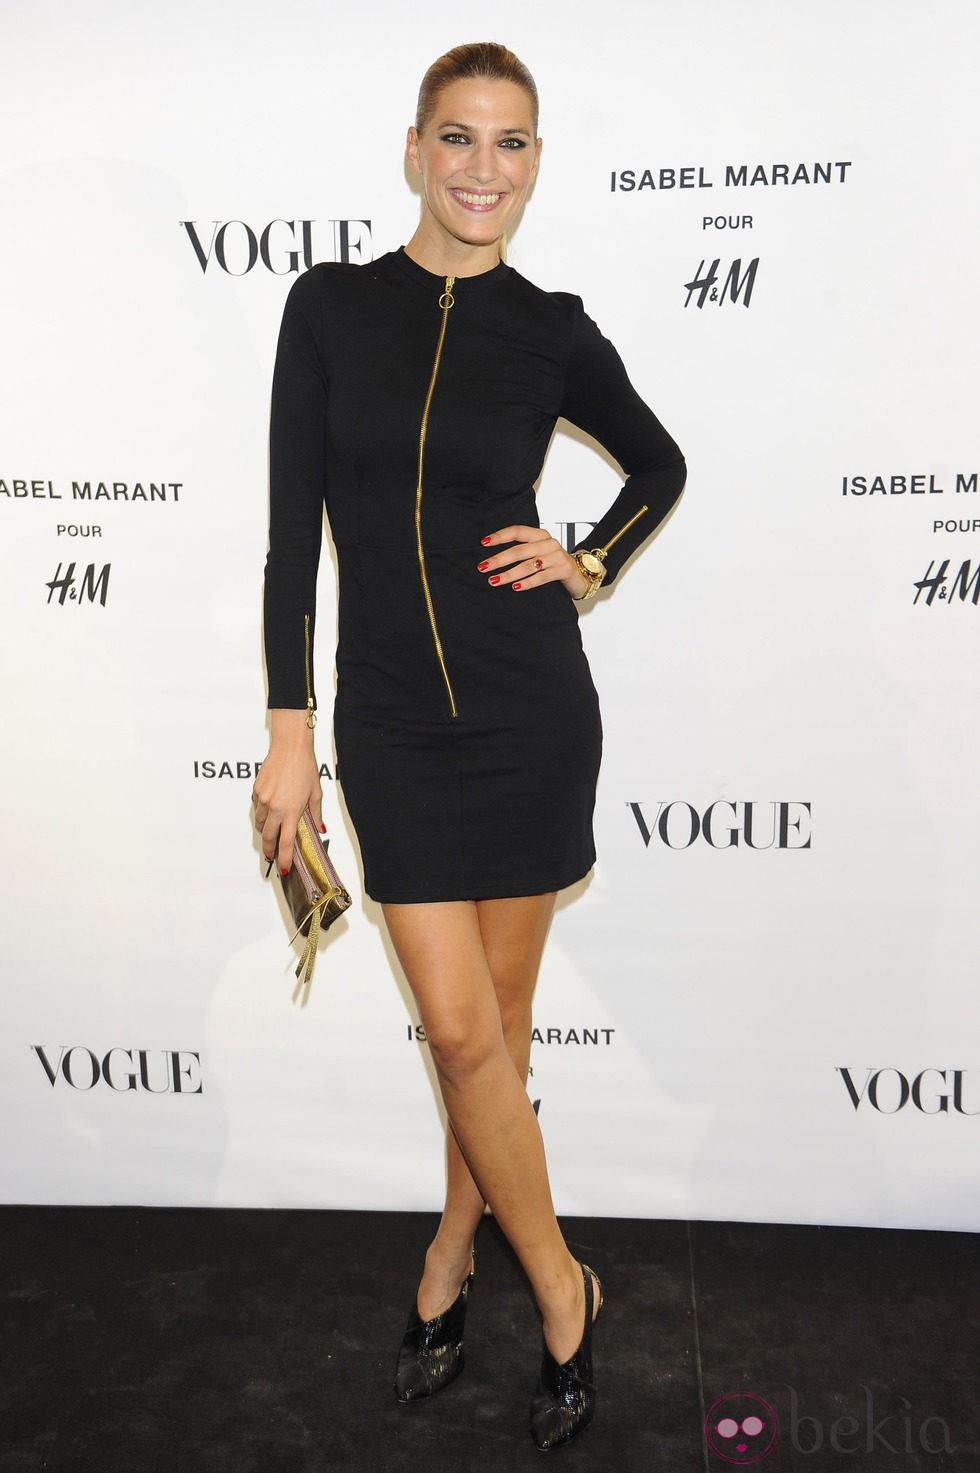 Laura Sánchez en la presentación de la colección de Isabel Marant para H&M